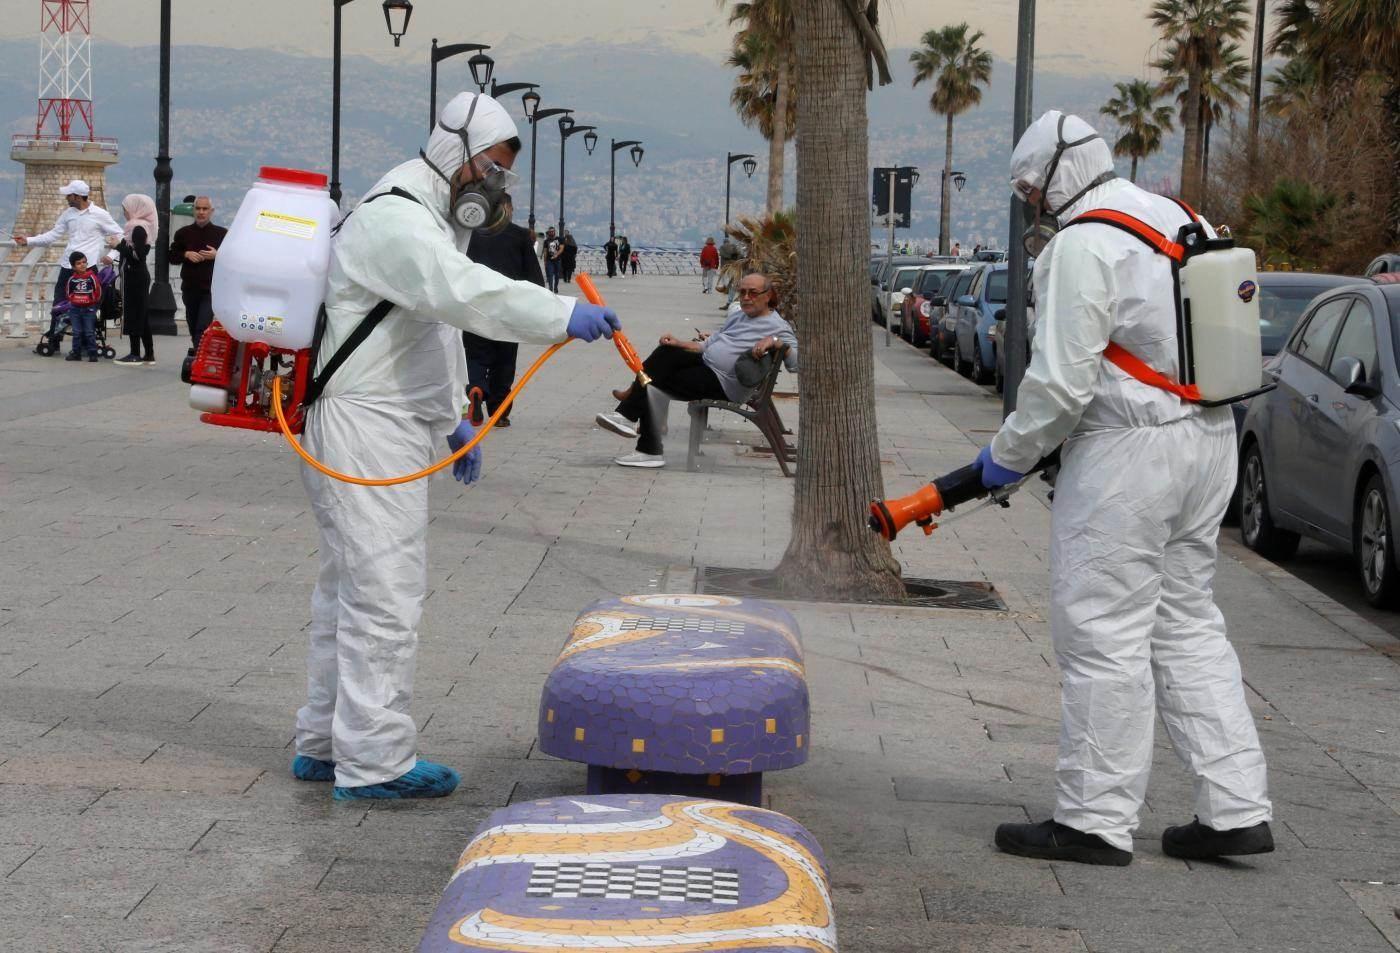 لبنان يفرض إجراءات وقائية مشددة بعد ارتفاع إصابات كورونا